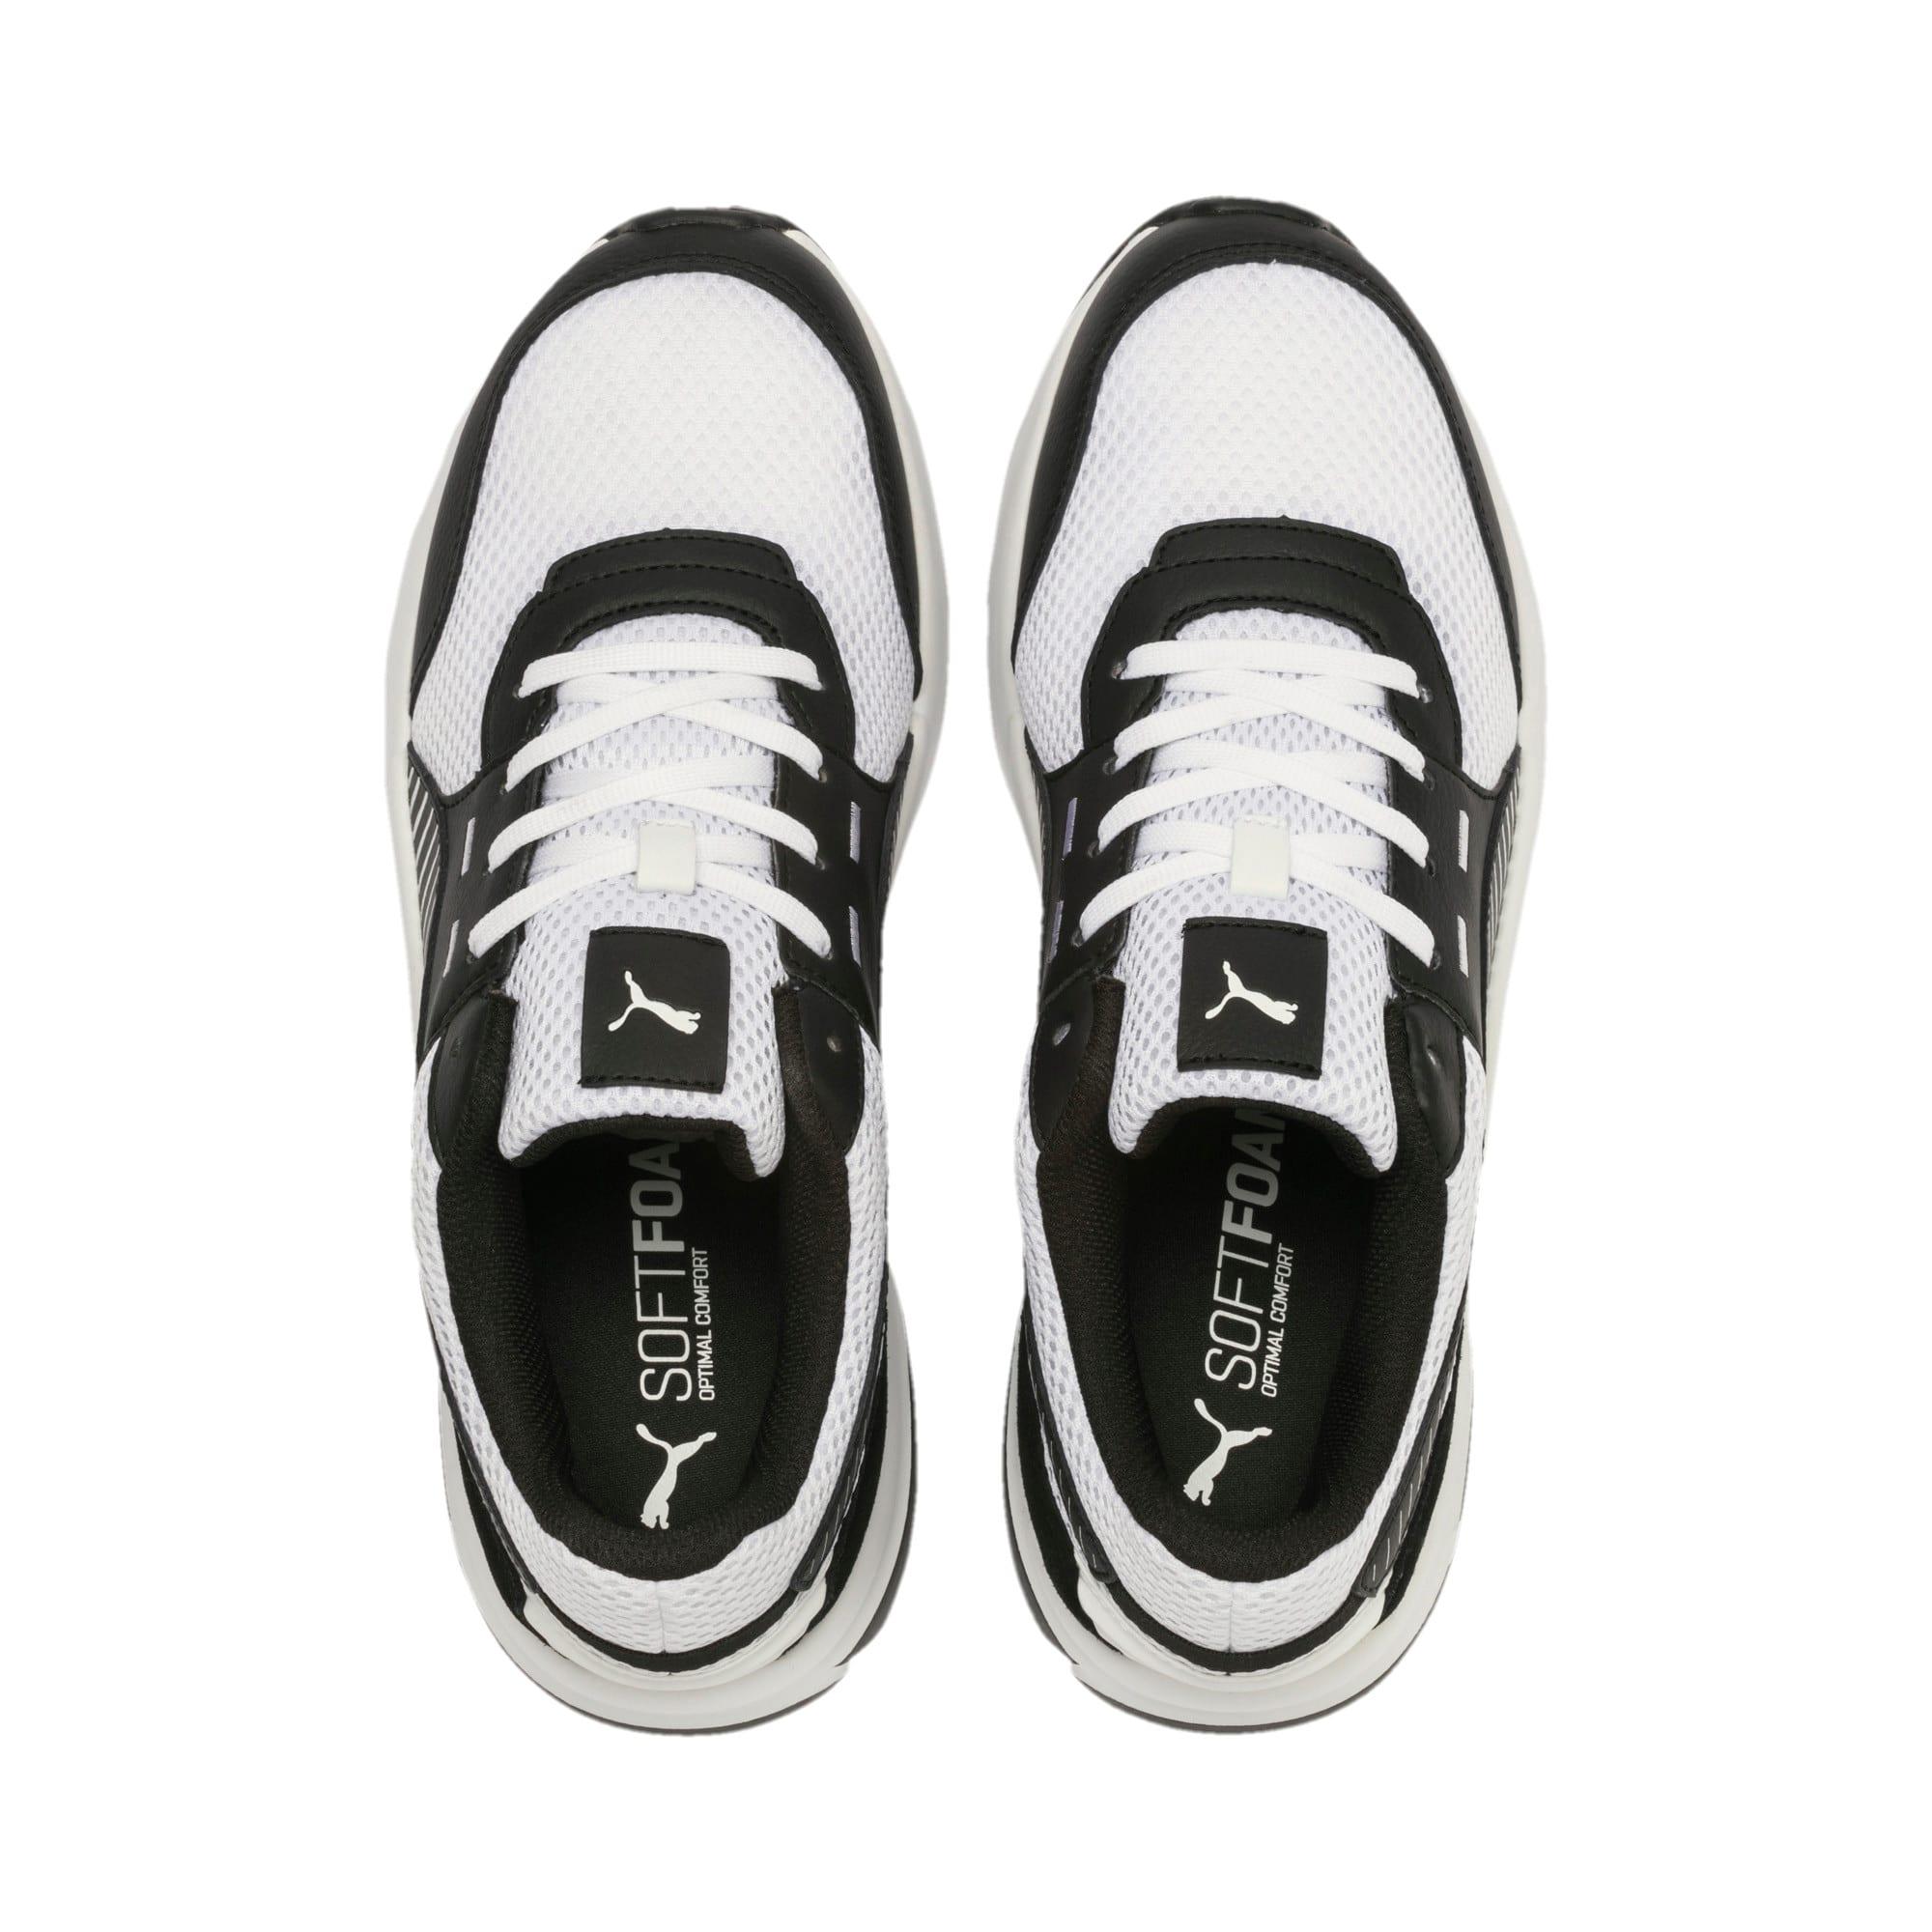 Thumbnail 8 of Future Runner Premium Running Shoes, Puma White-Puma Black, medium-IND